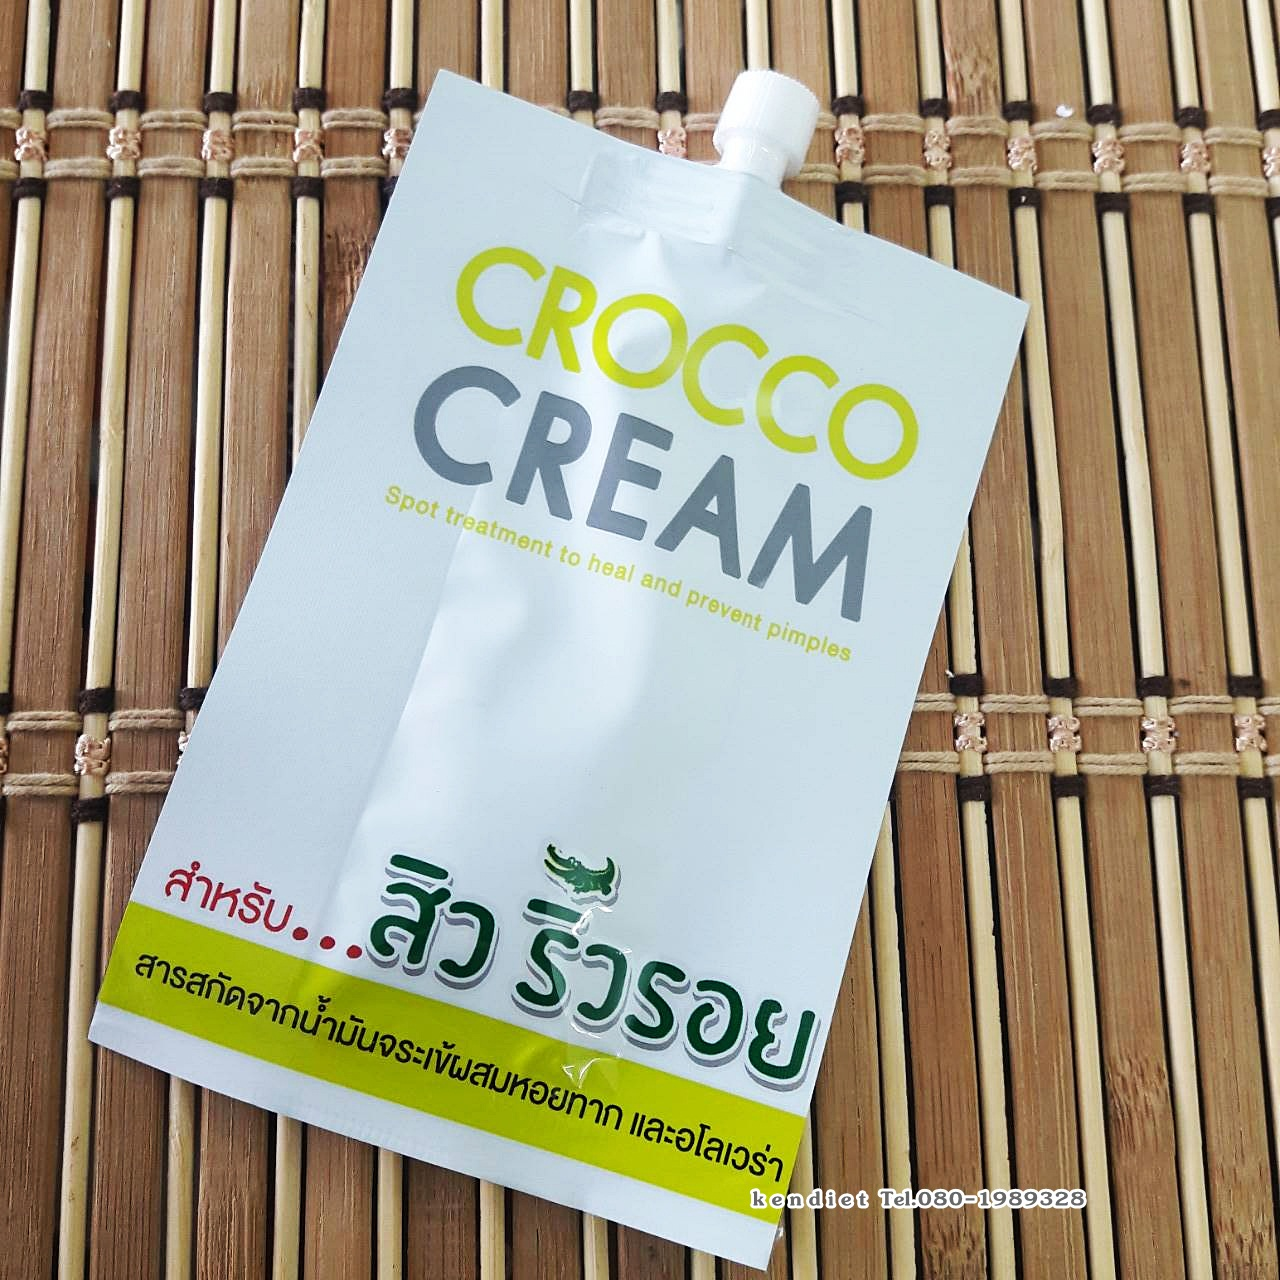 Fuji Crocco cream ฟูจิ คร้อกโค ครีม สารสกัดจากน้ำมันจระเข้ผสมหอยทาก และอโลเวร่า